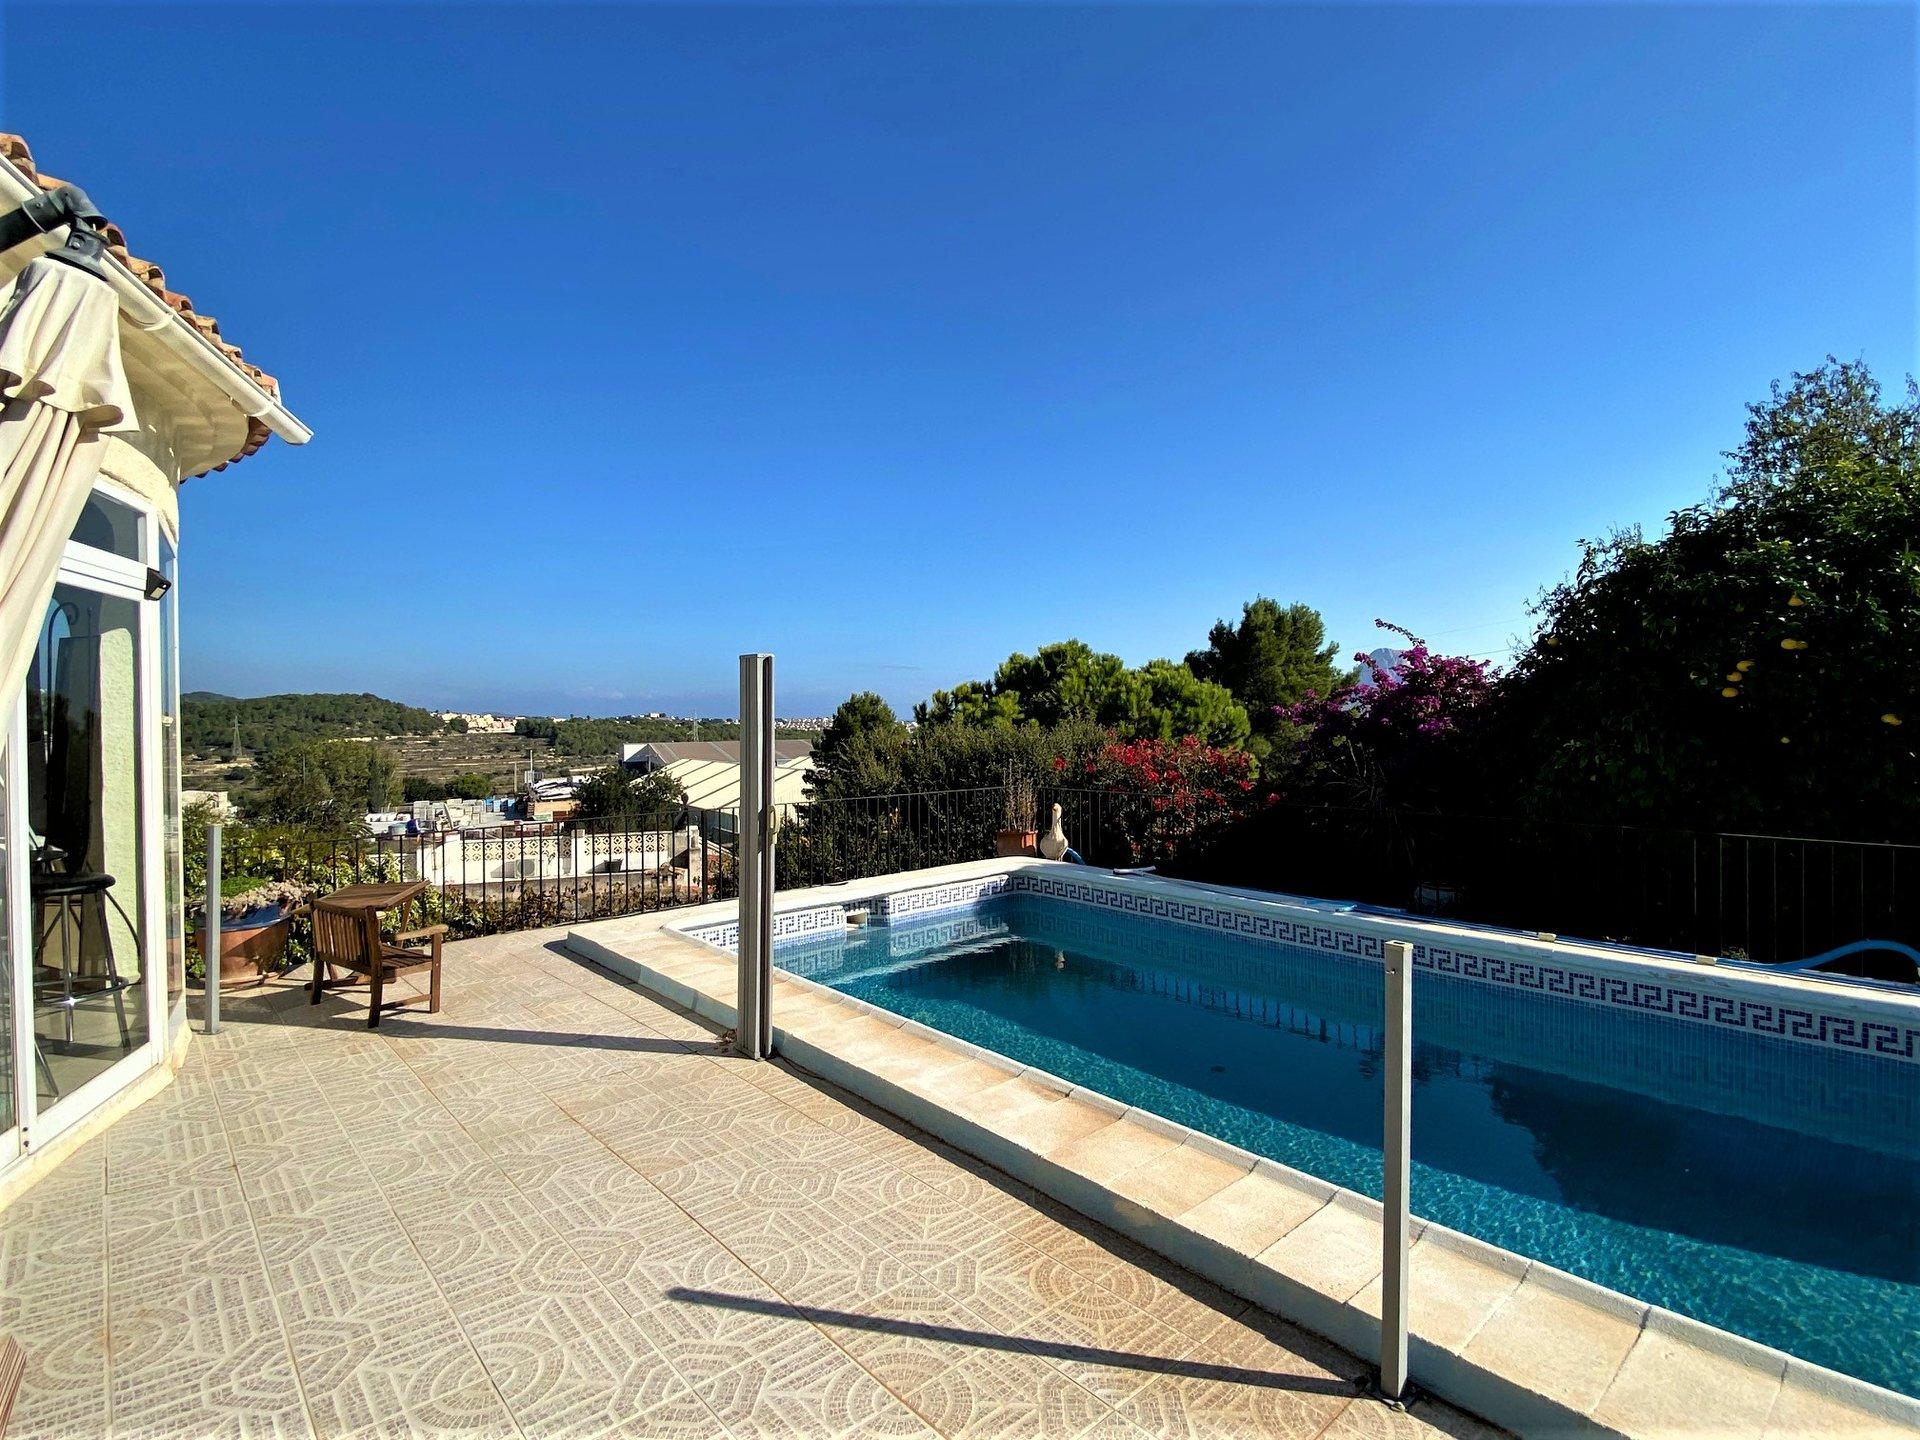 Gerenoveerde villa op rustige lokatie met open zicht